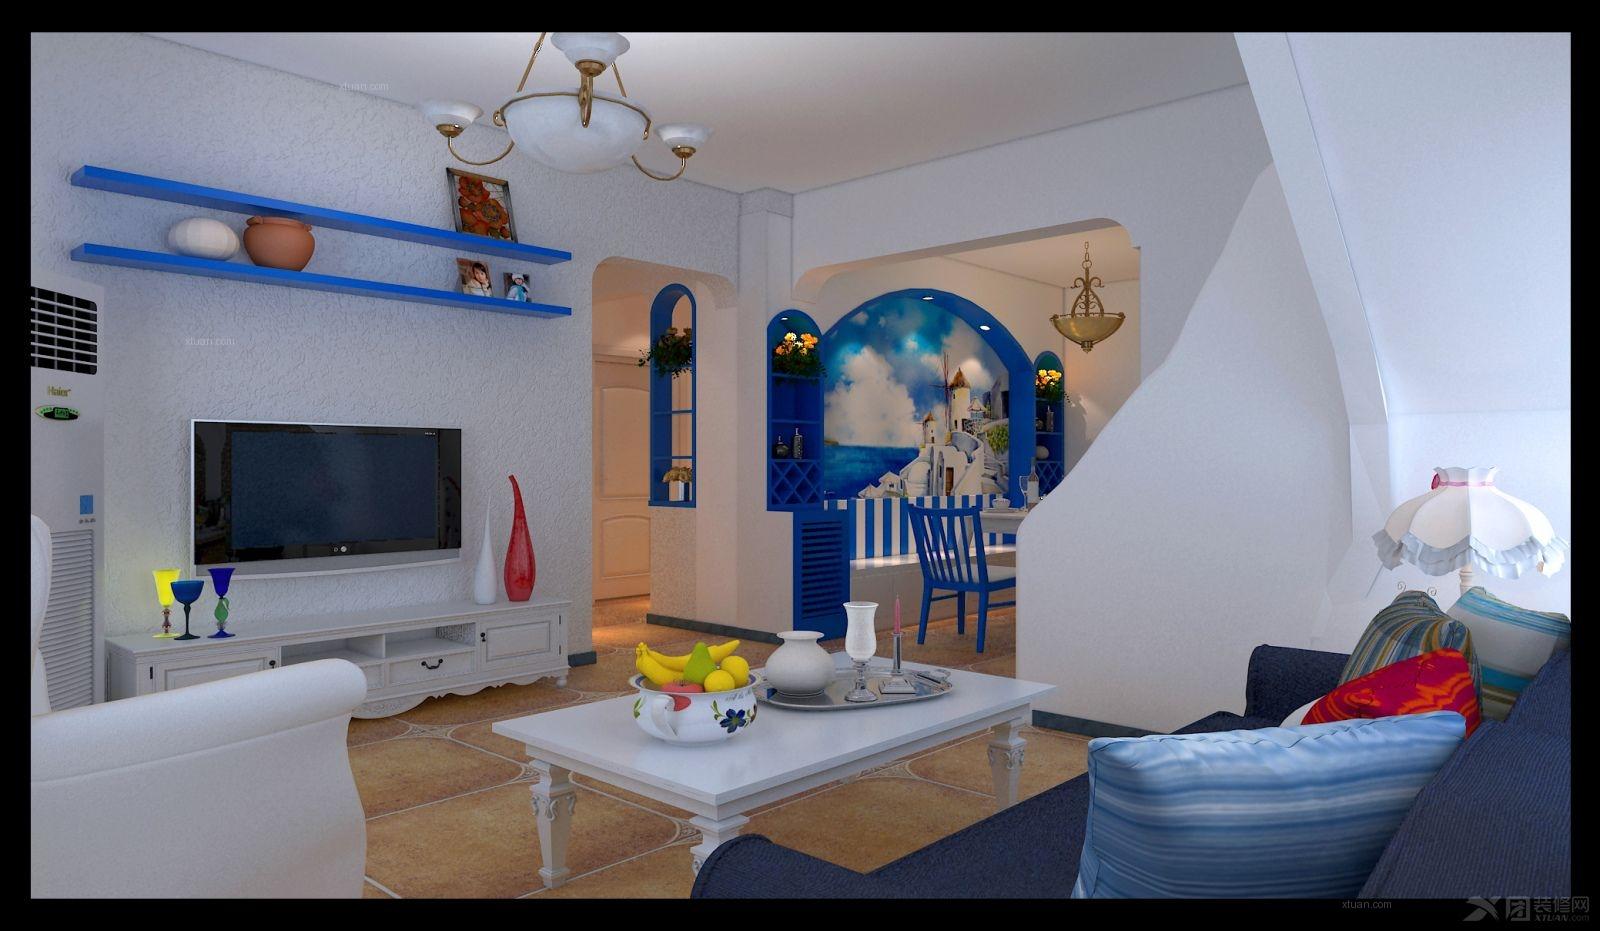 复式楼地中海风格客厅电视背景墙_【宝蓝空间设计】卡梅尔小镇地中海